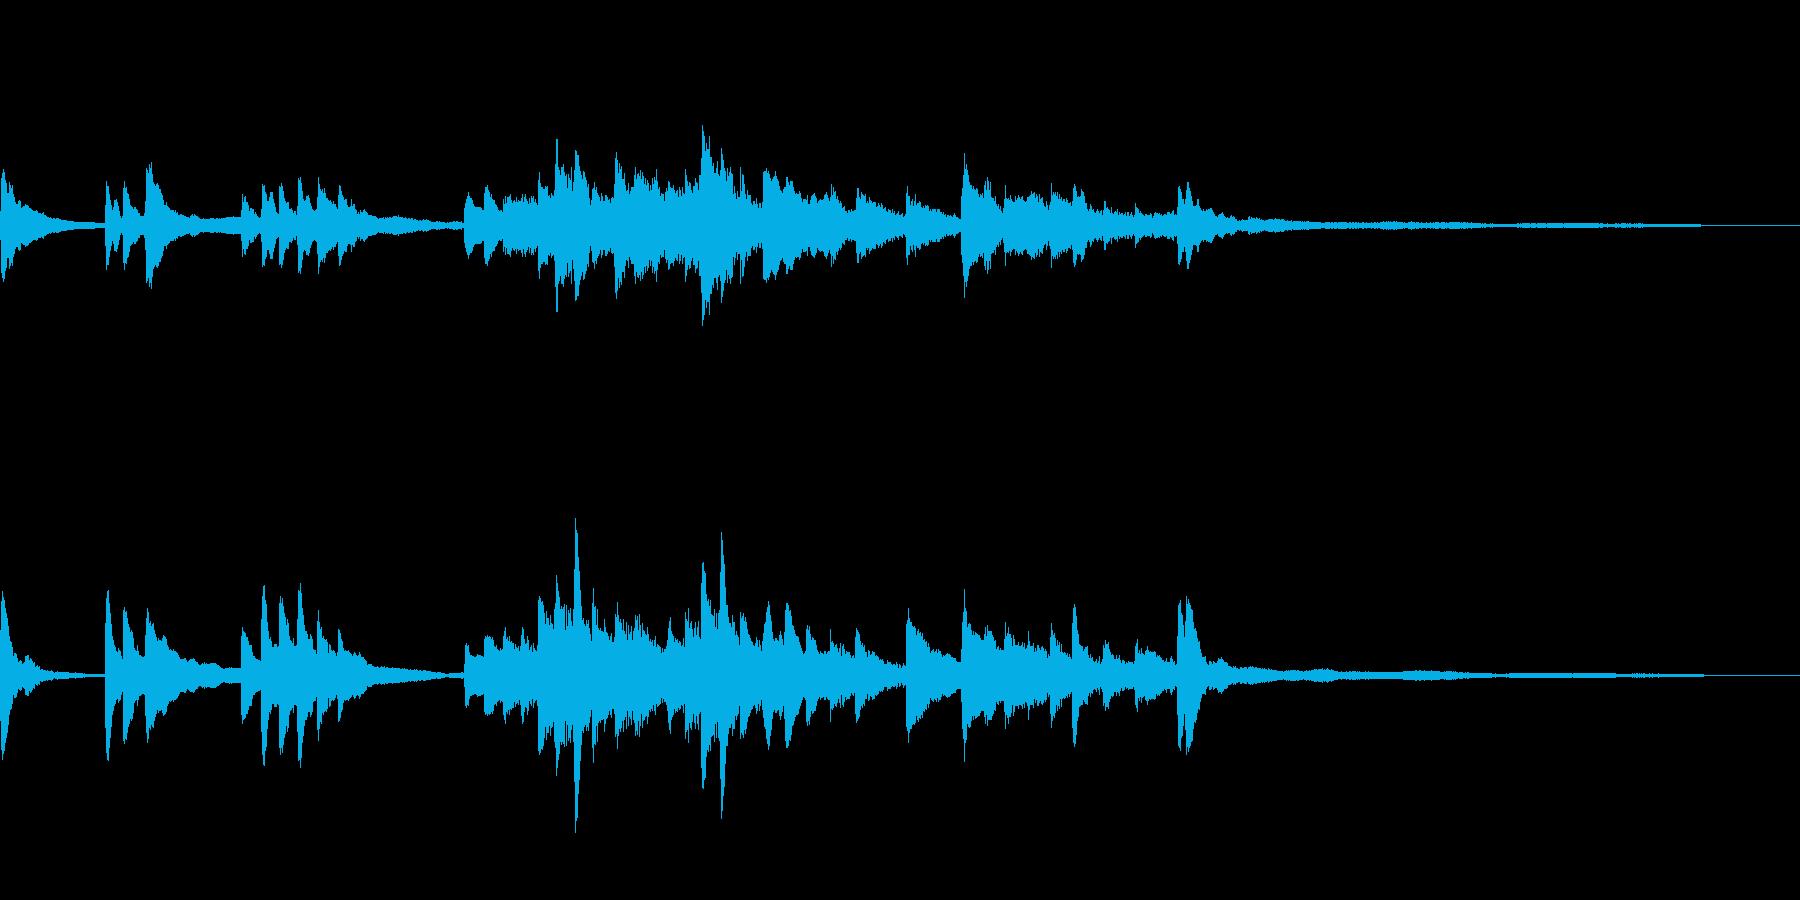 和風のジングル13-ピアノソロの再生済みの波形